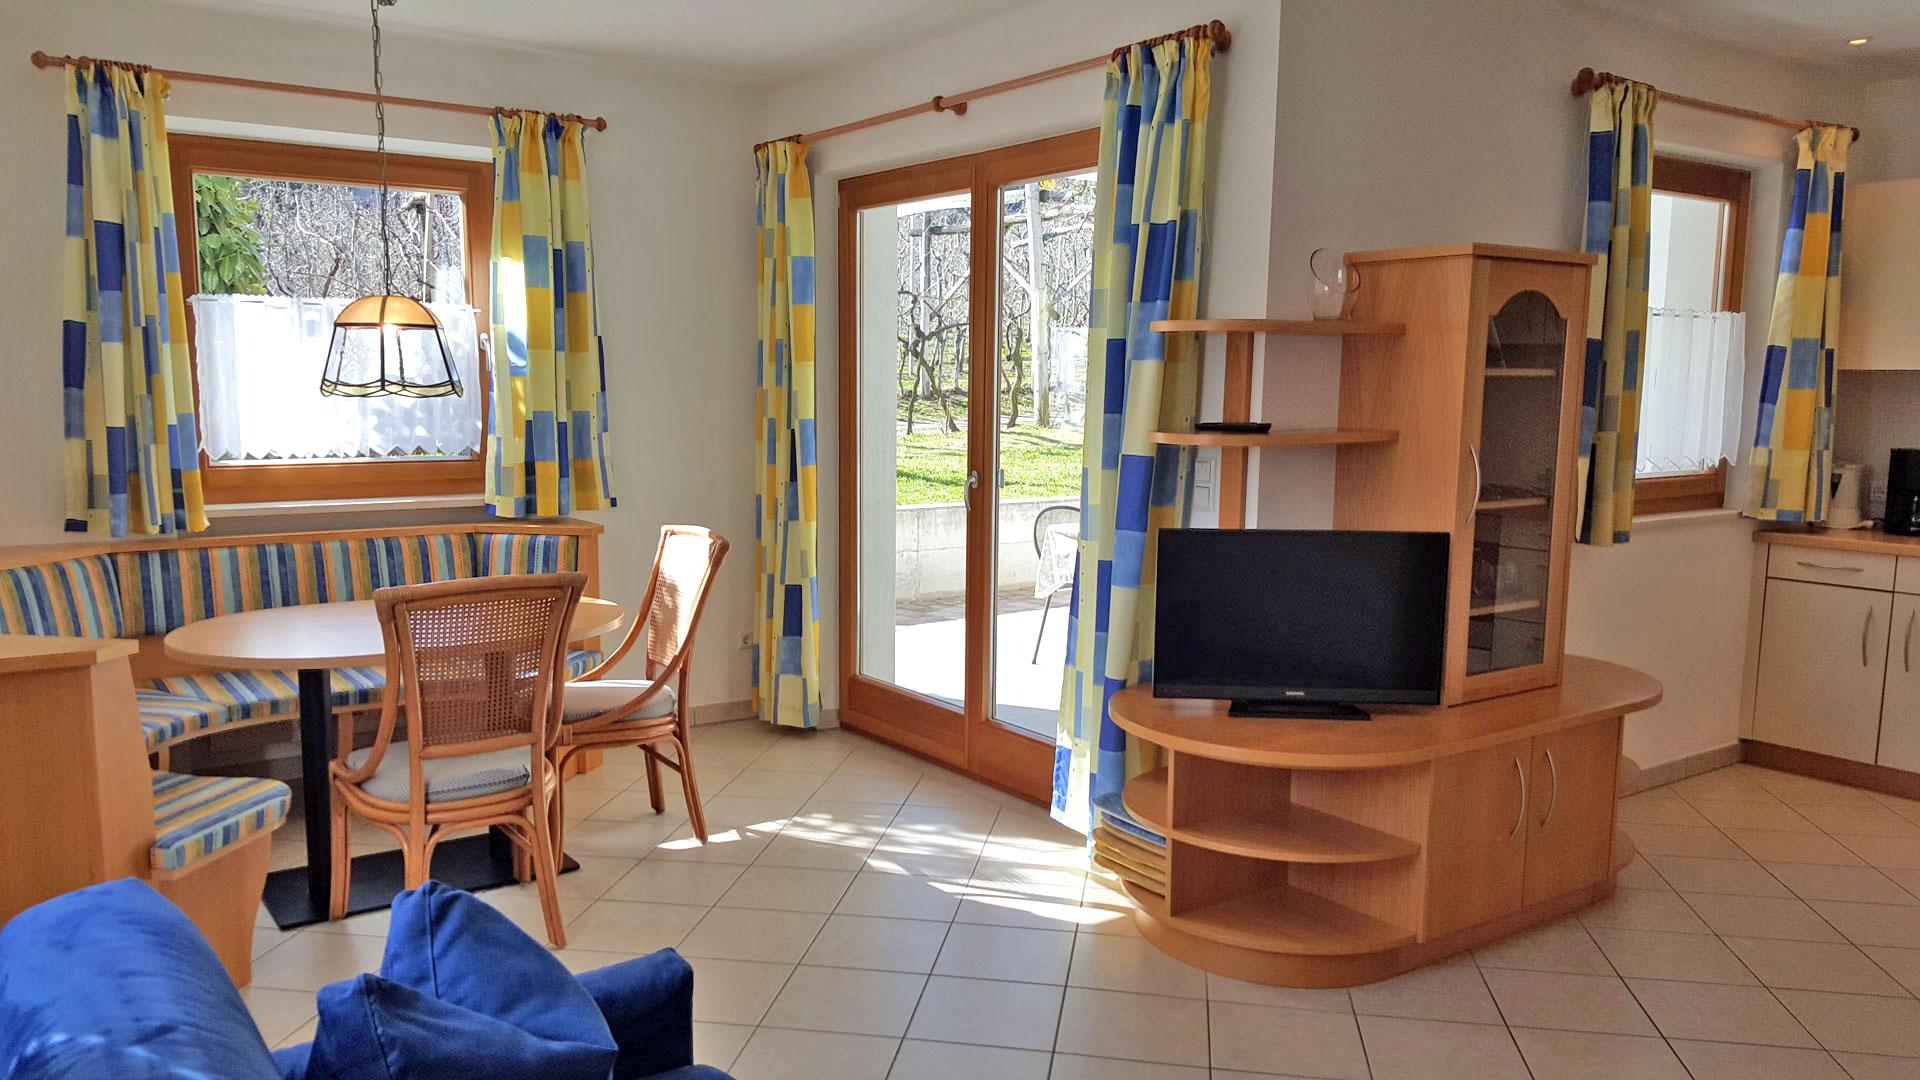 schrenteweinhof landhaus schrentewein wohnen im landhaus. Black Bedroom Furniture Sets. Home Design Ideas